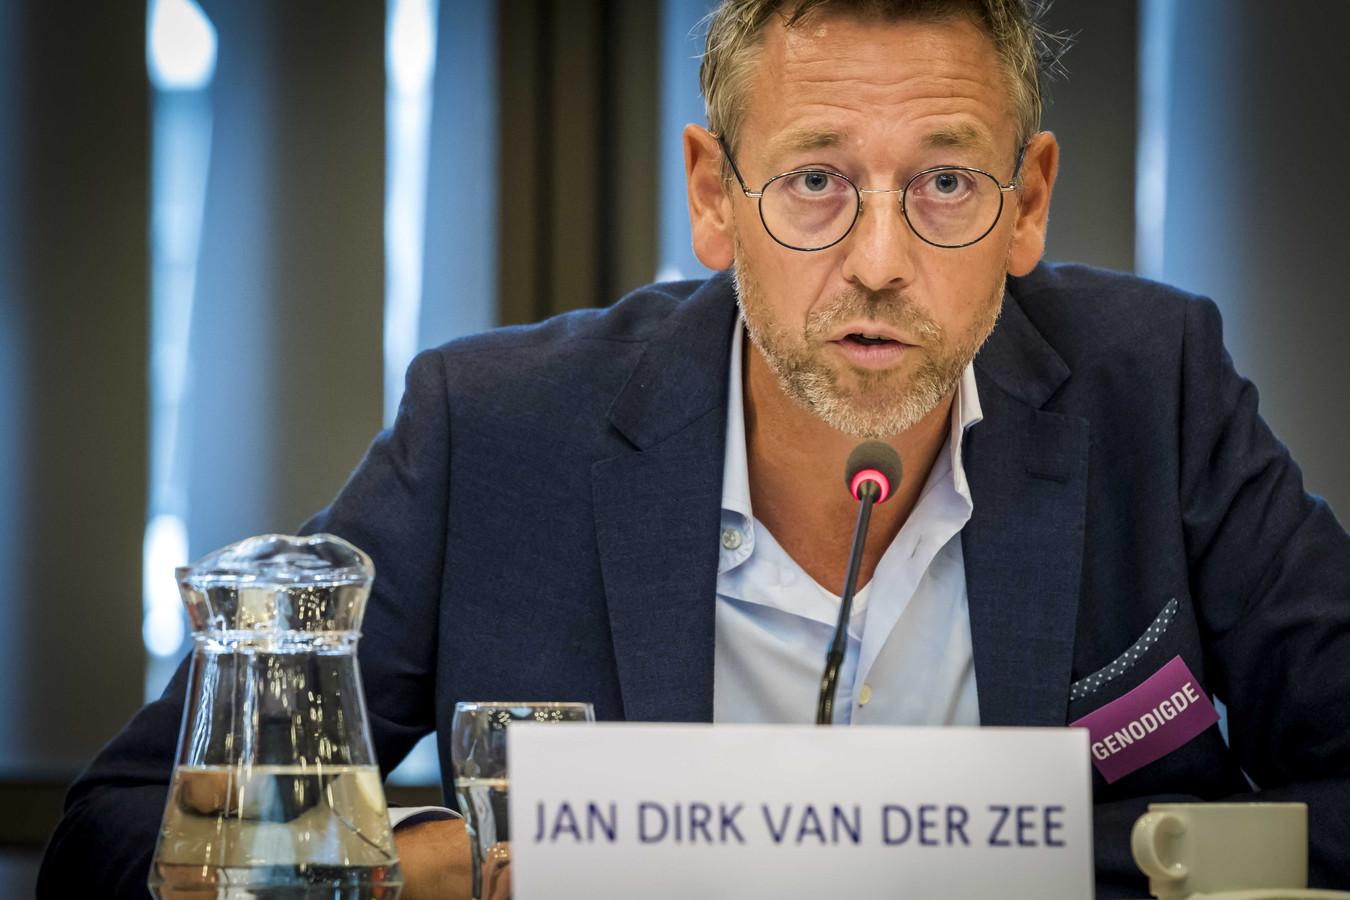 Jan Dirk van der Zee.